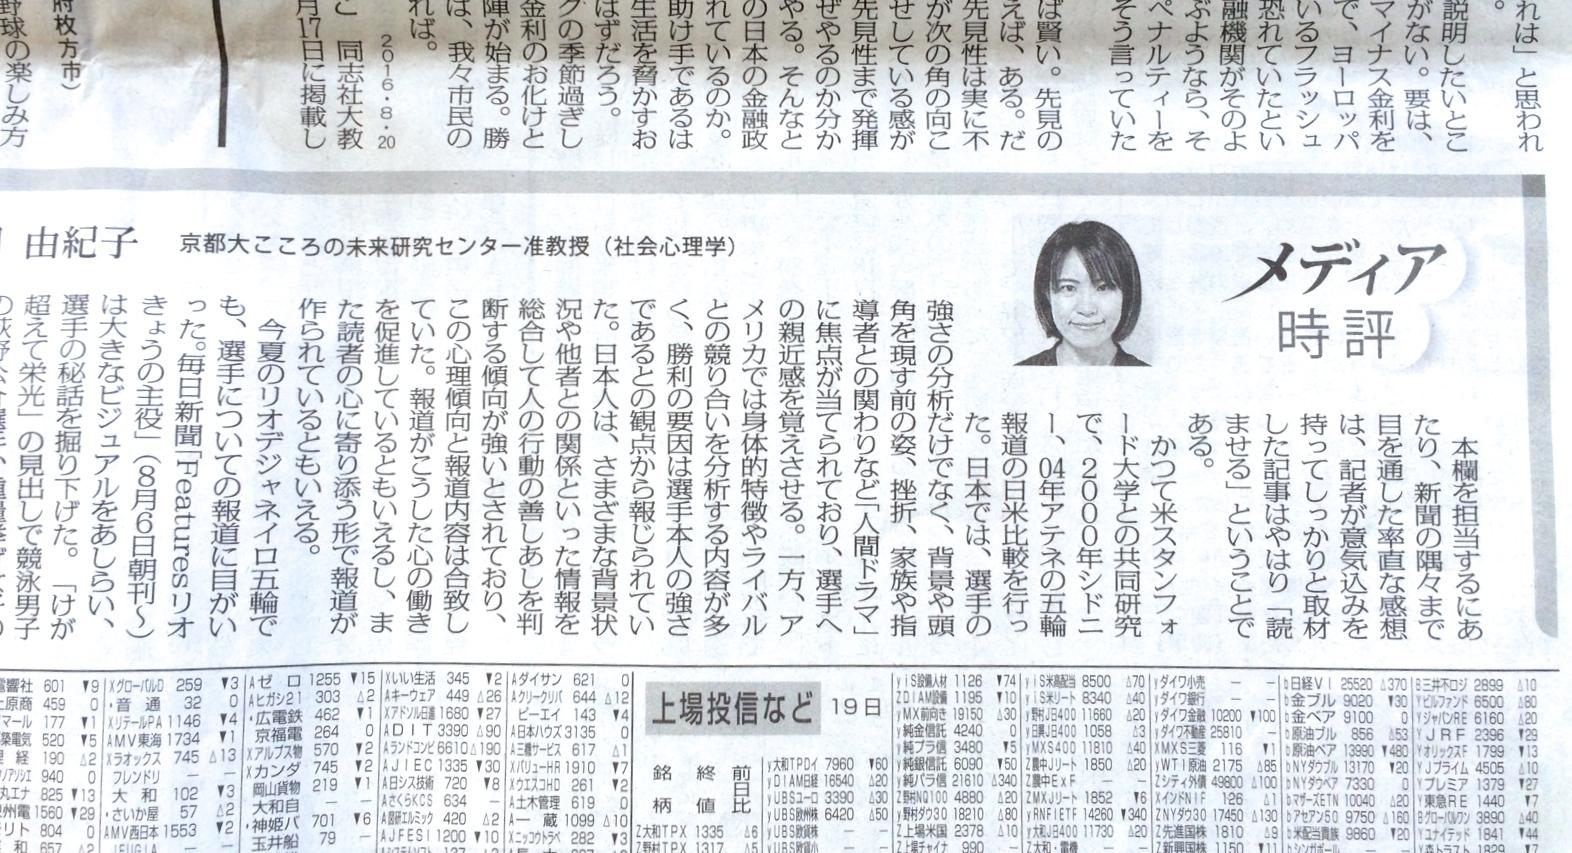 内田准教授の論考が毎日新聞「メディア時評」に掲載されました(連載第2回)